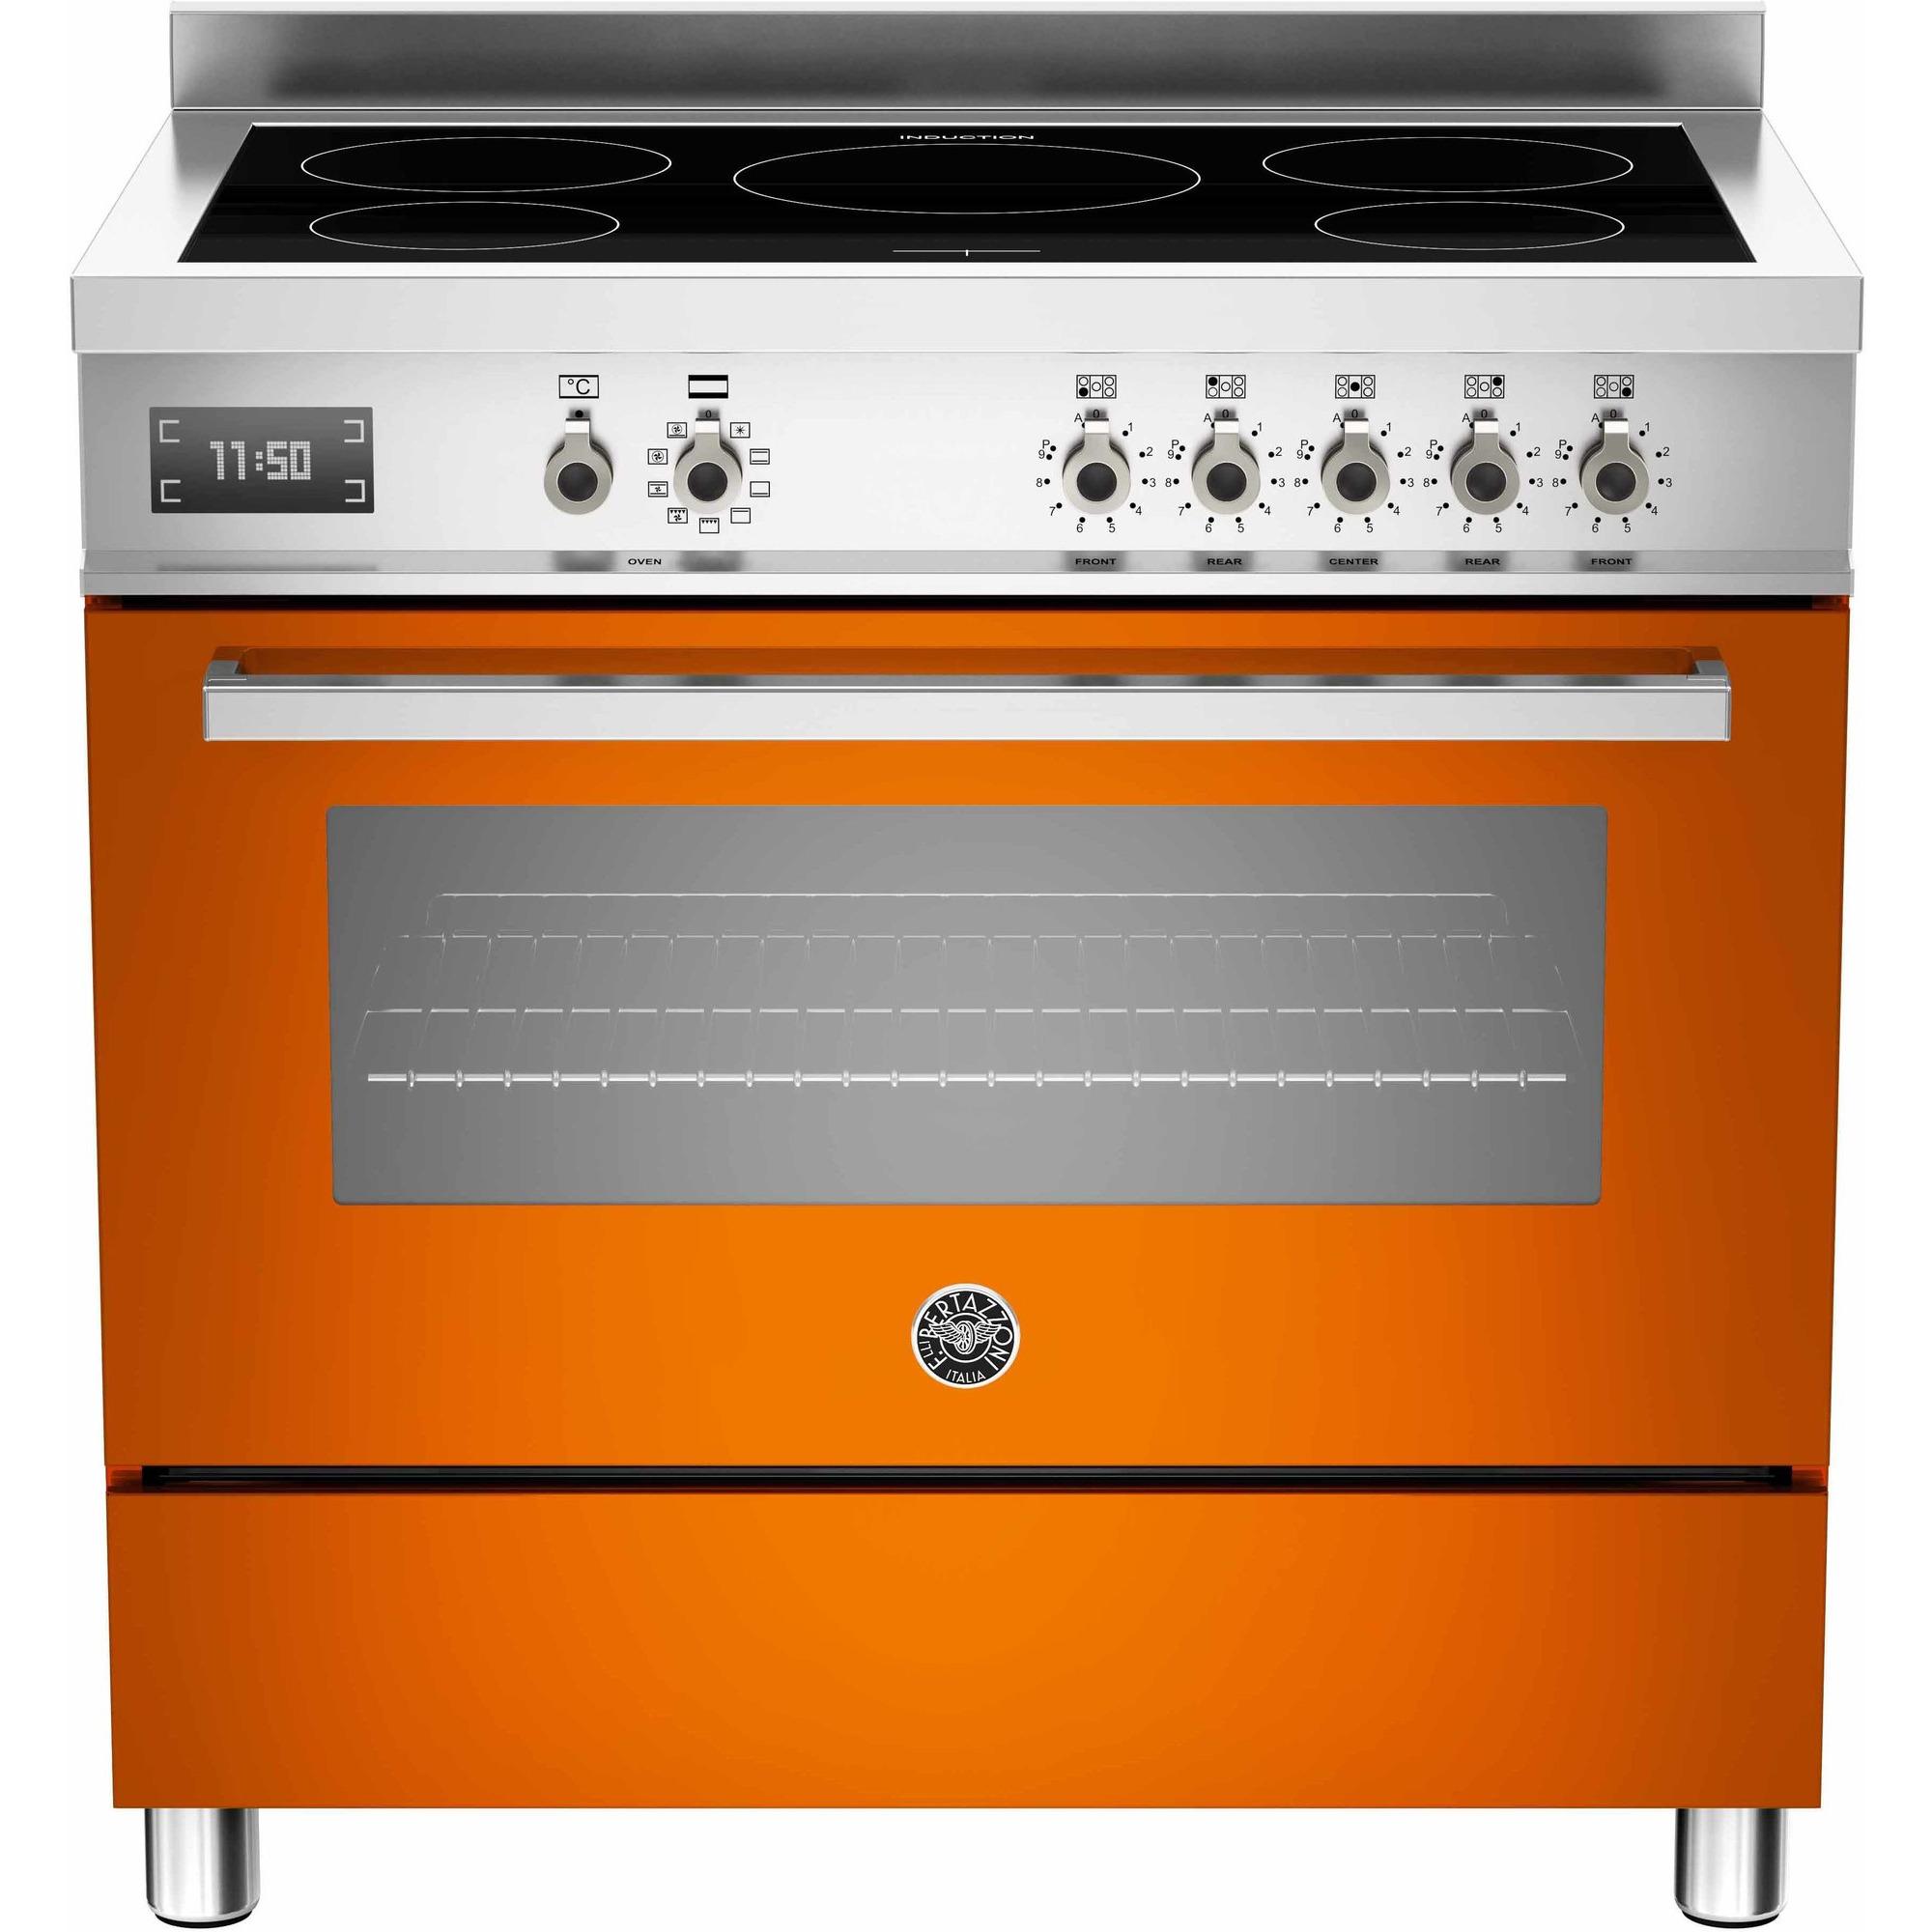 Bertazzoni PRO905 Induktionsspis 90 cm 1 ugn 5 zoner Orange